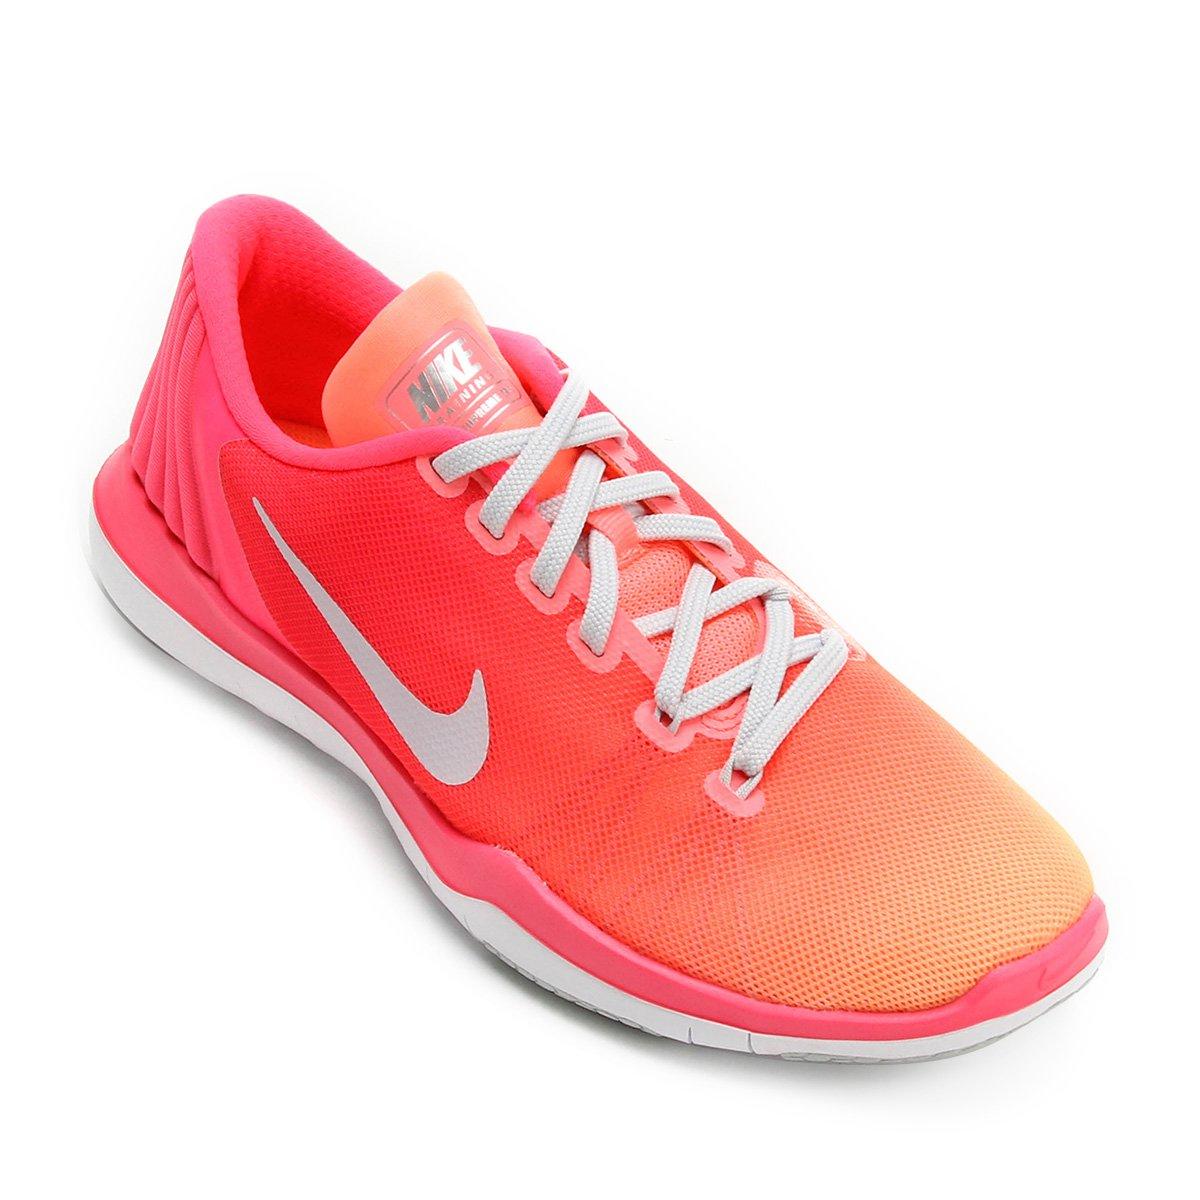 8a778c62d83fe Tênis Nike Flex Supreme Tr 5 Fade Feminino - Compre Agora